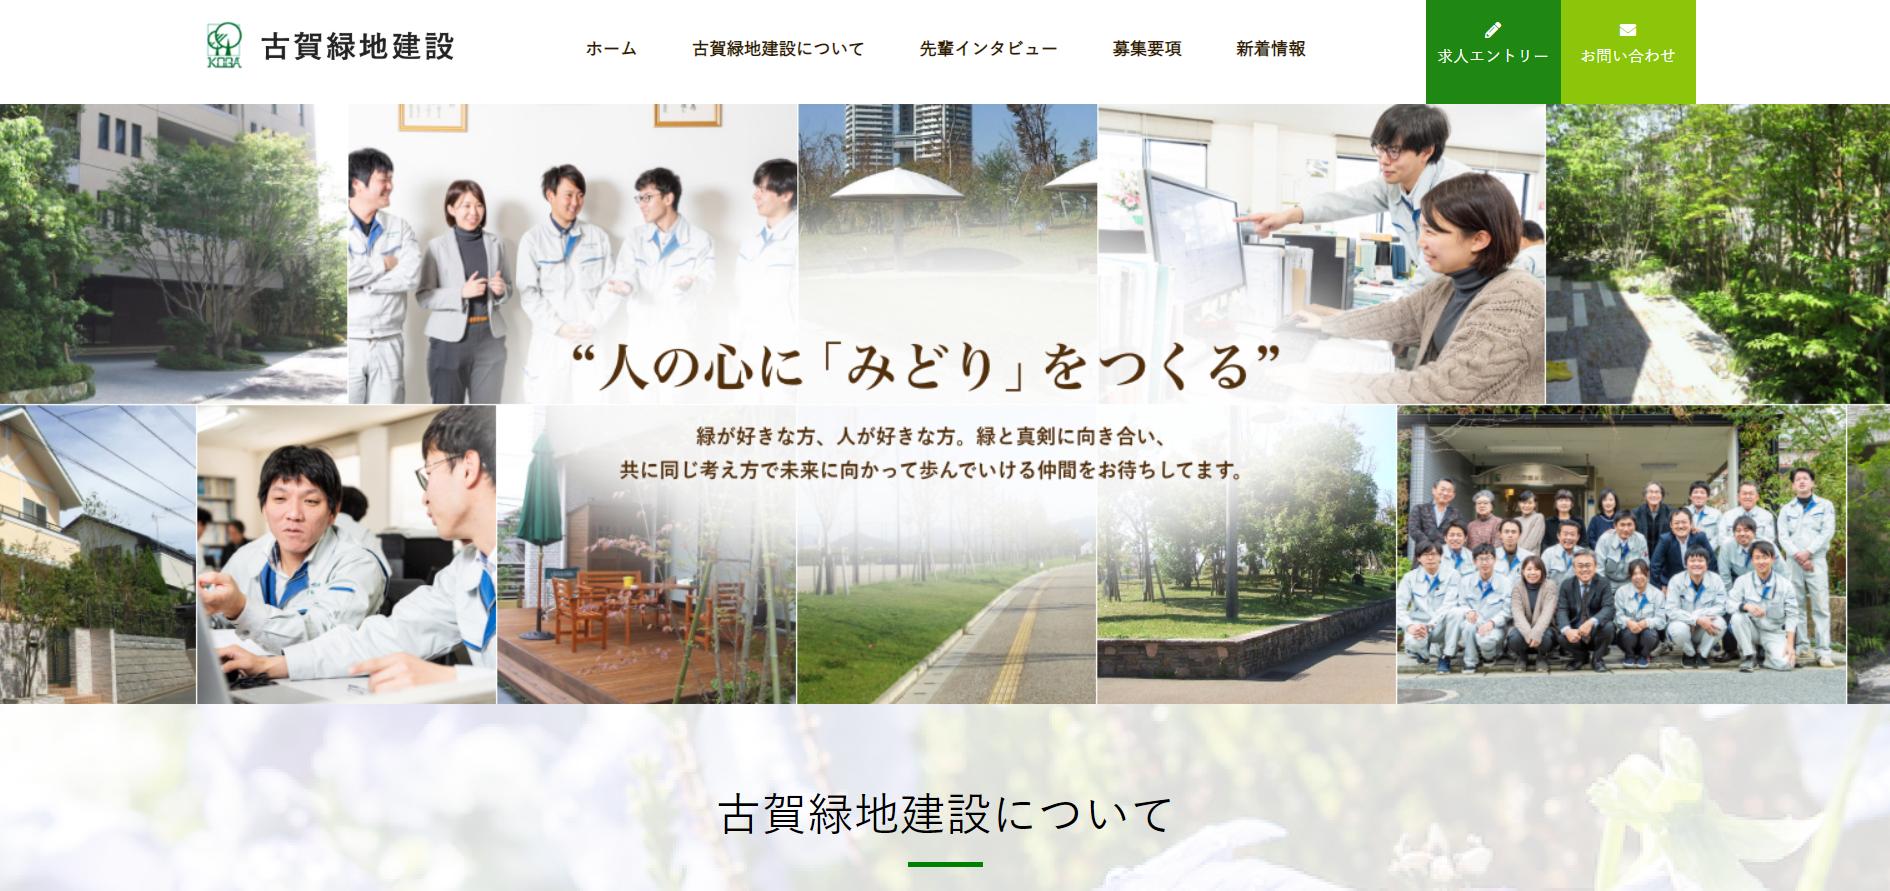 画像:古賀緑地建設のサイトイメージ